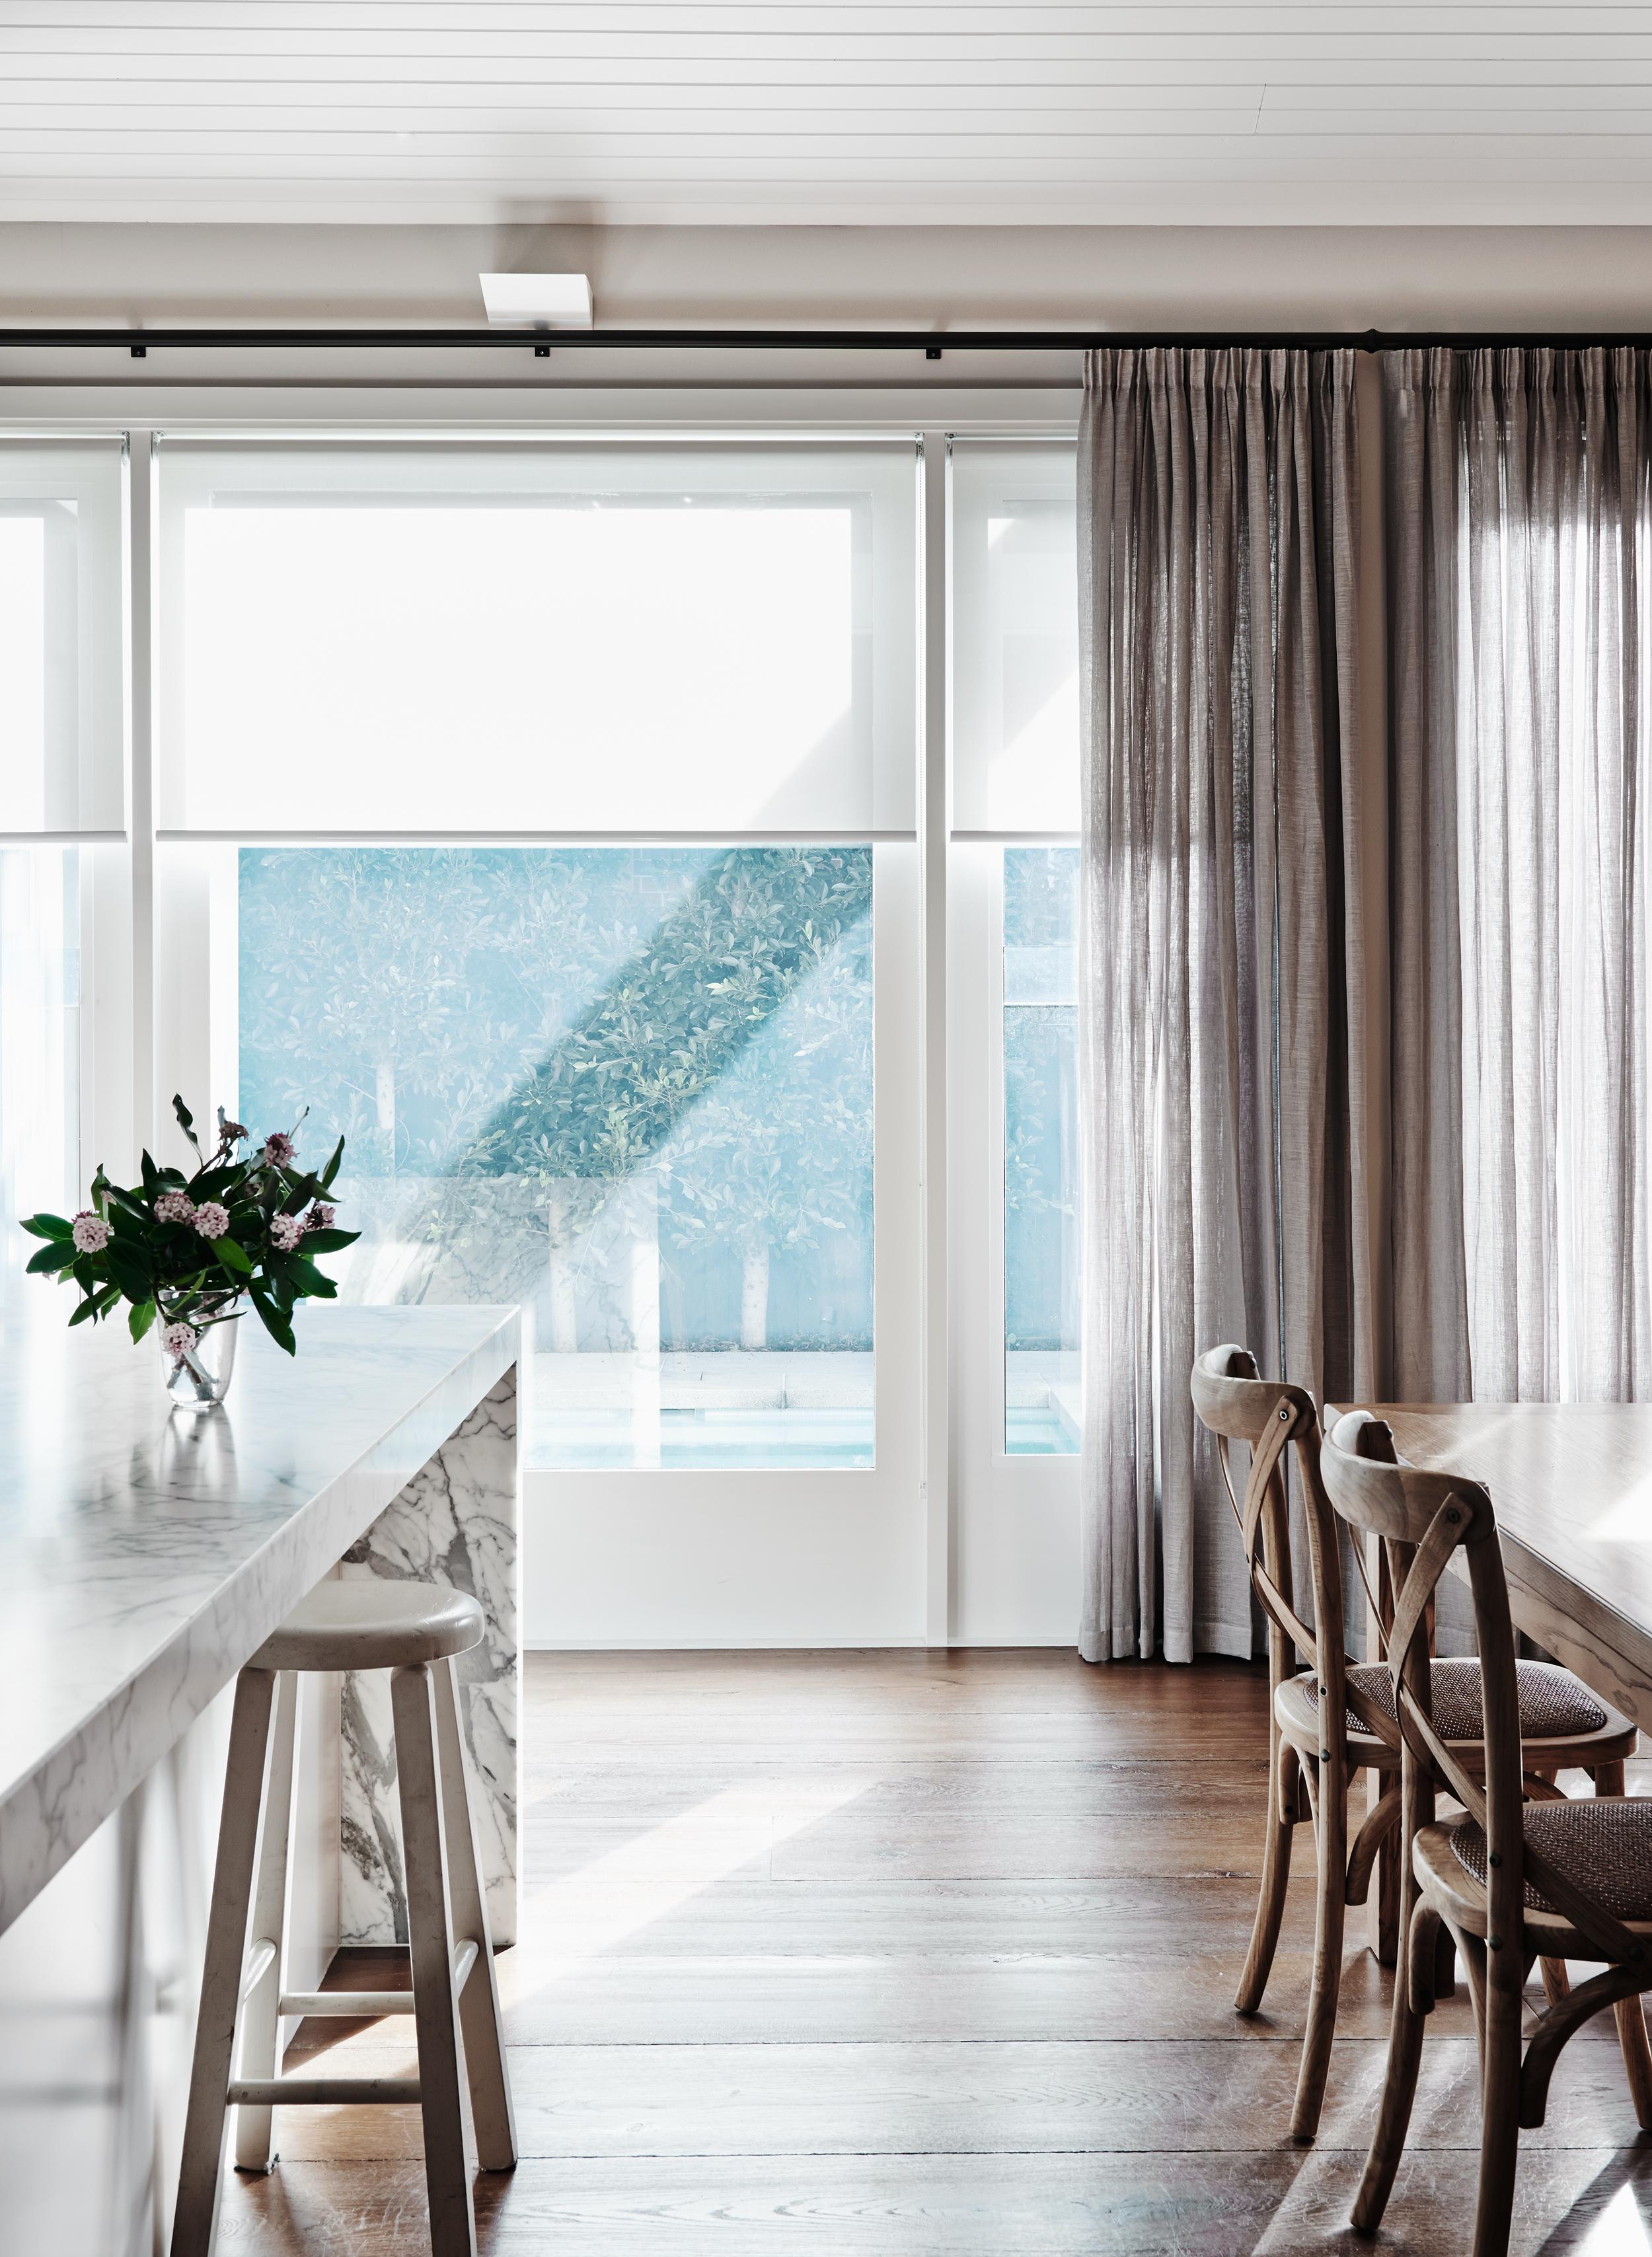 Оформление окна рулонными шторами и тюлем 48 фото